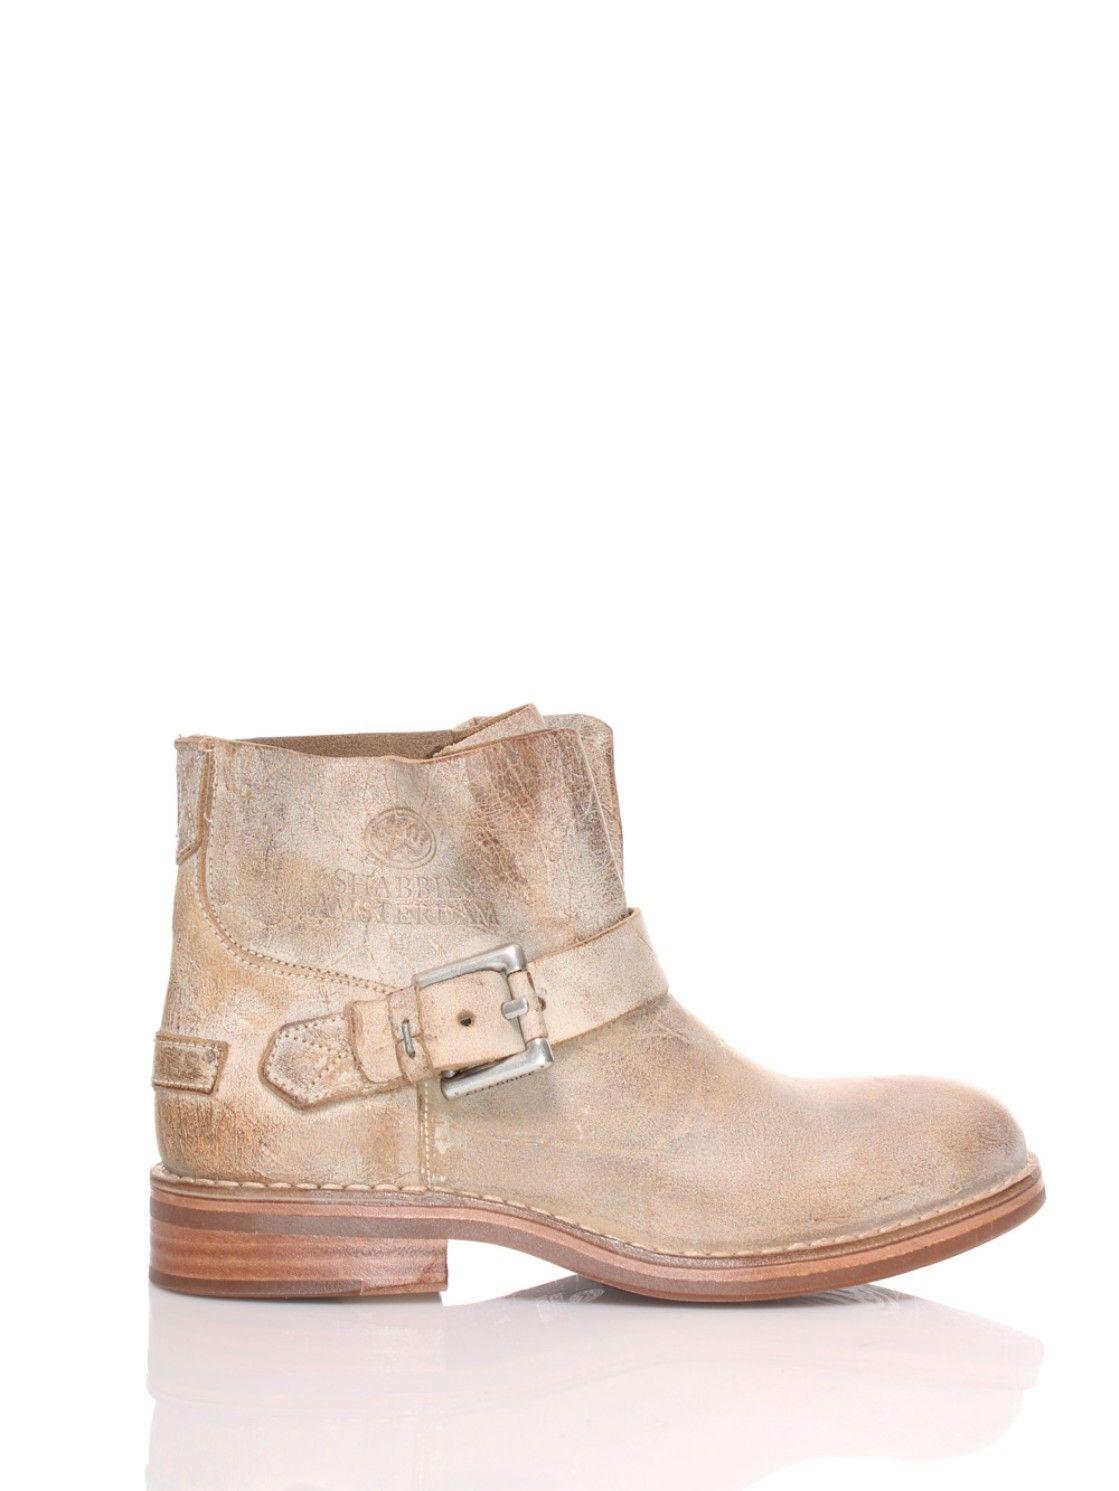 Apc Chaussures Beige Pour Le Printemps Avec Le Talon De Bloc Pour Les Femmes V1Ea1f